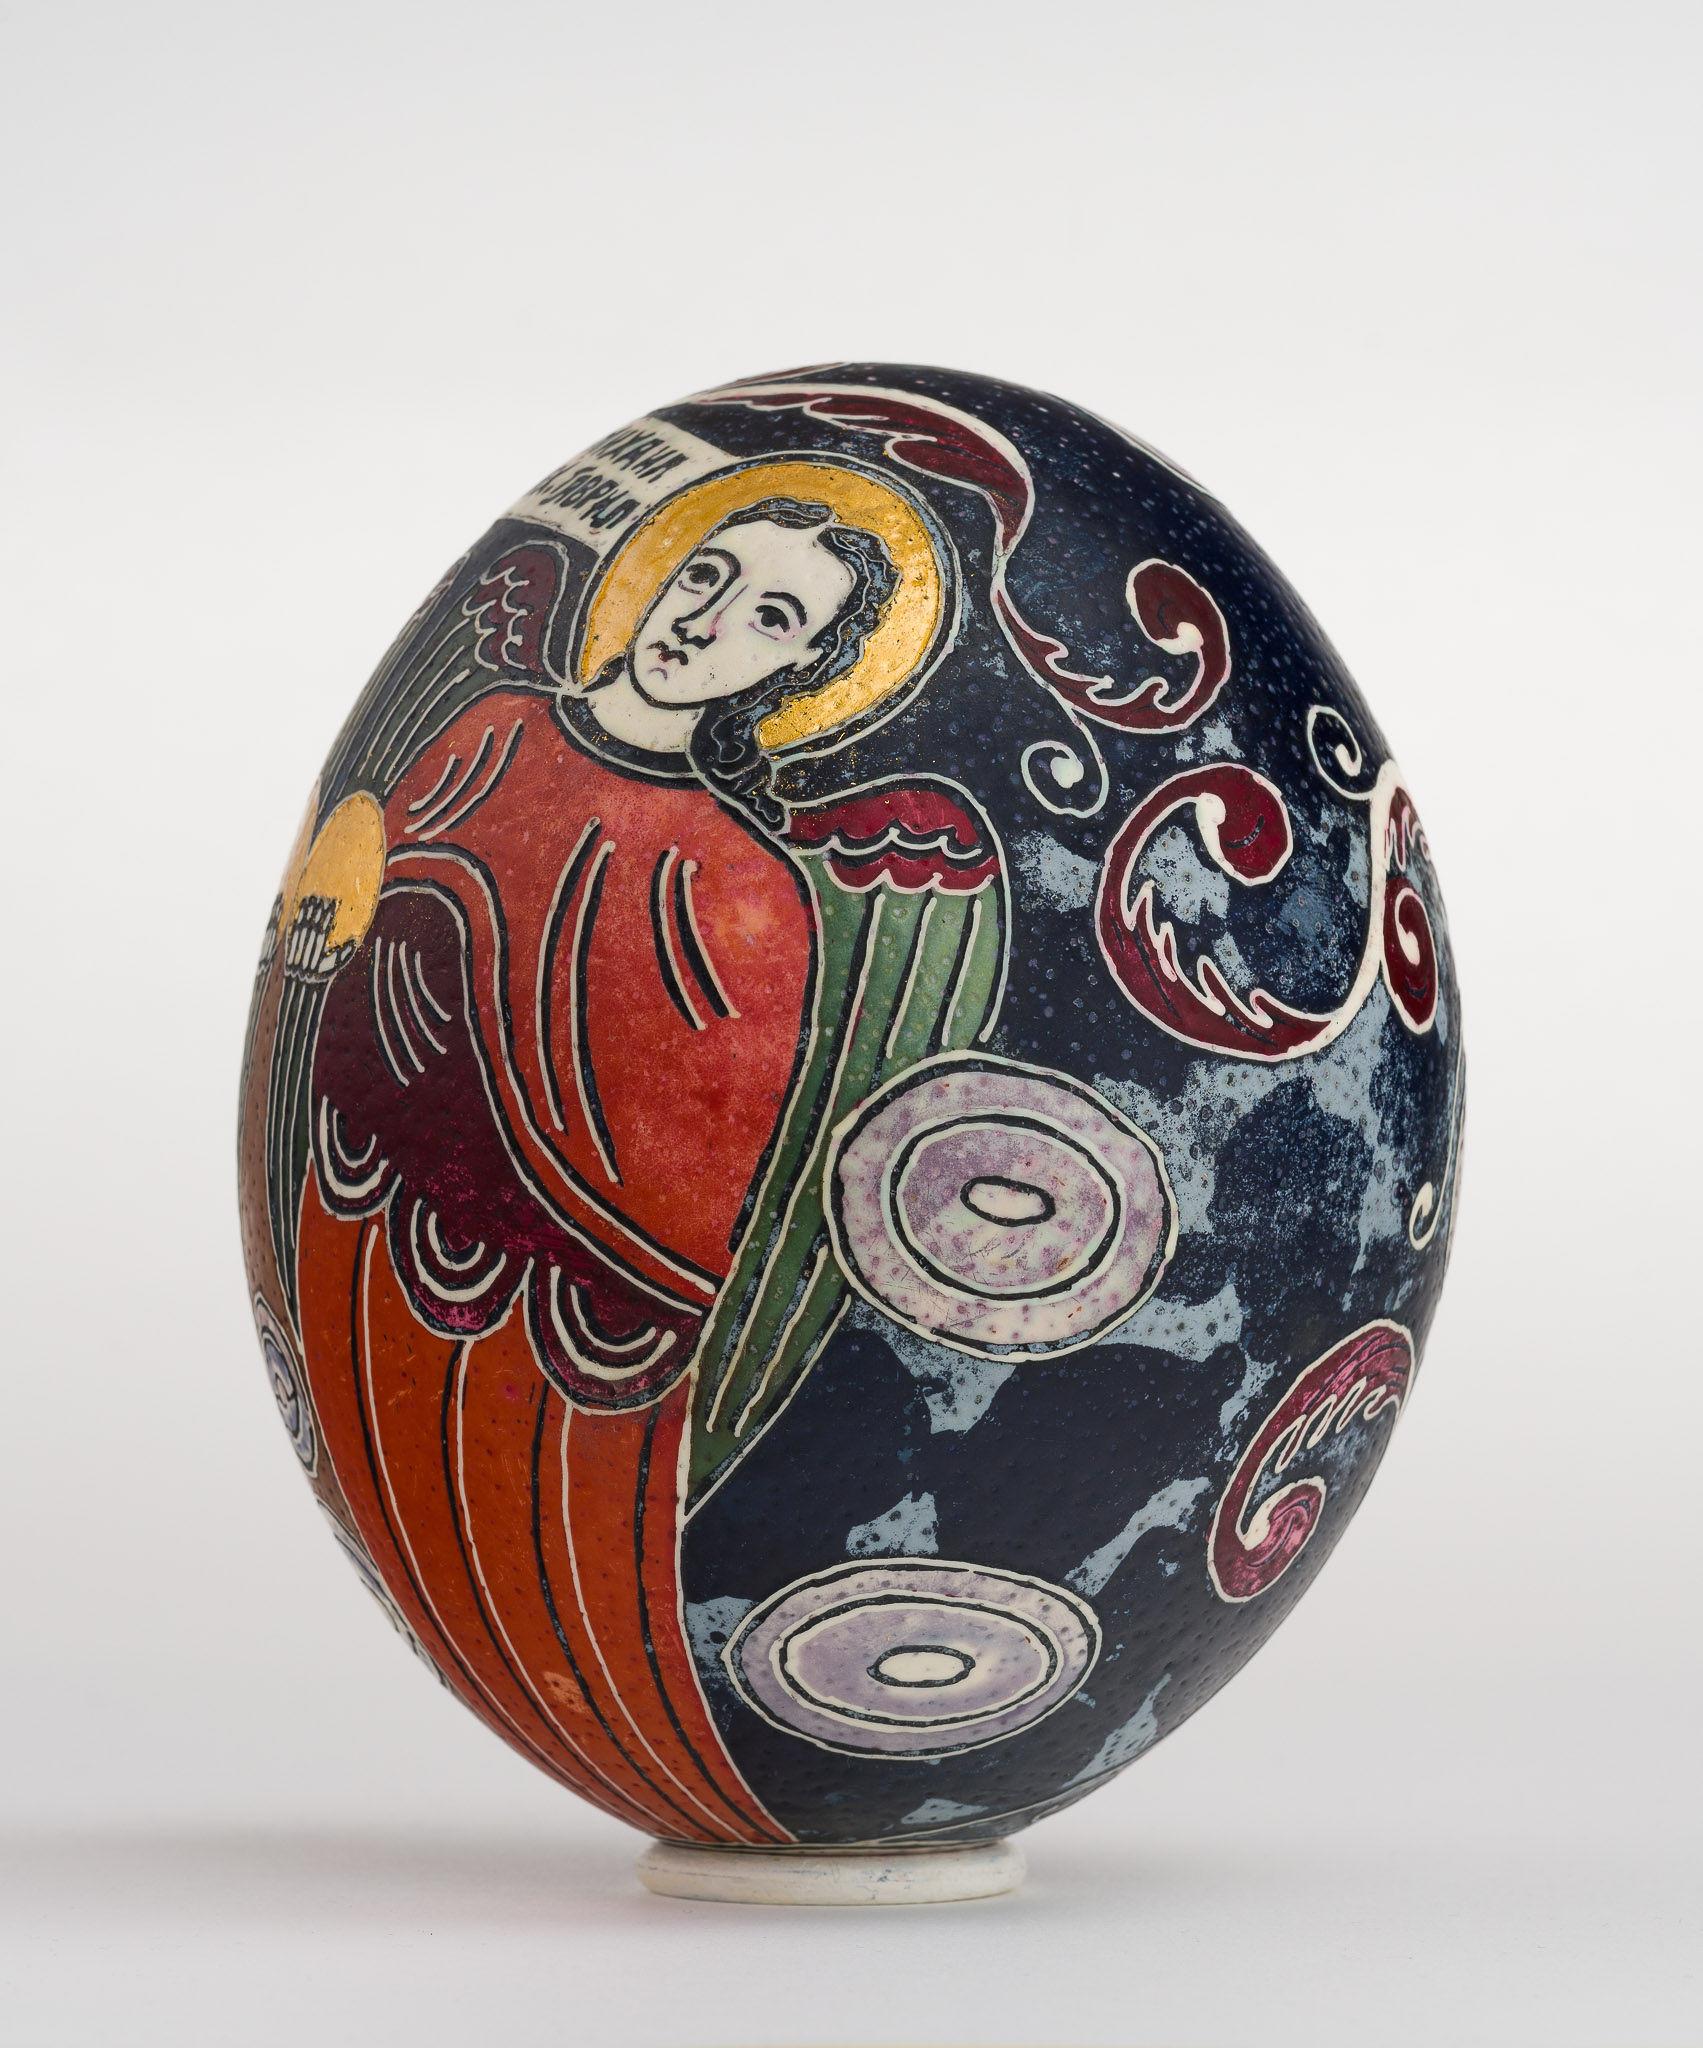 Icoană încondeiată pe ou de struț - Sfinții Arhangheli Mihail și Gavriil - maryando-125a.jpg